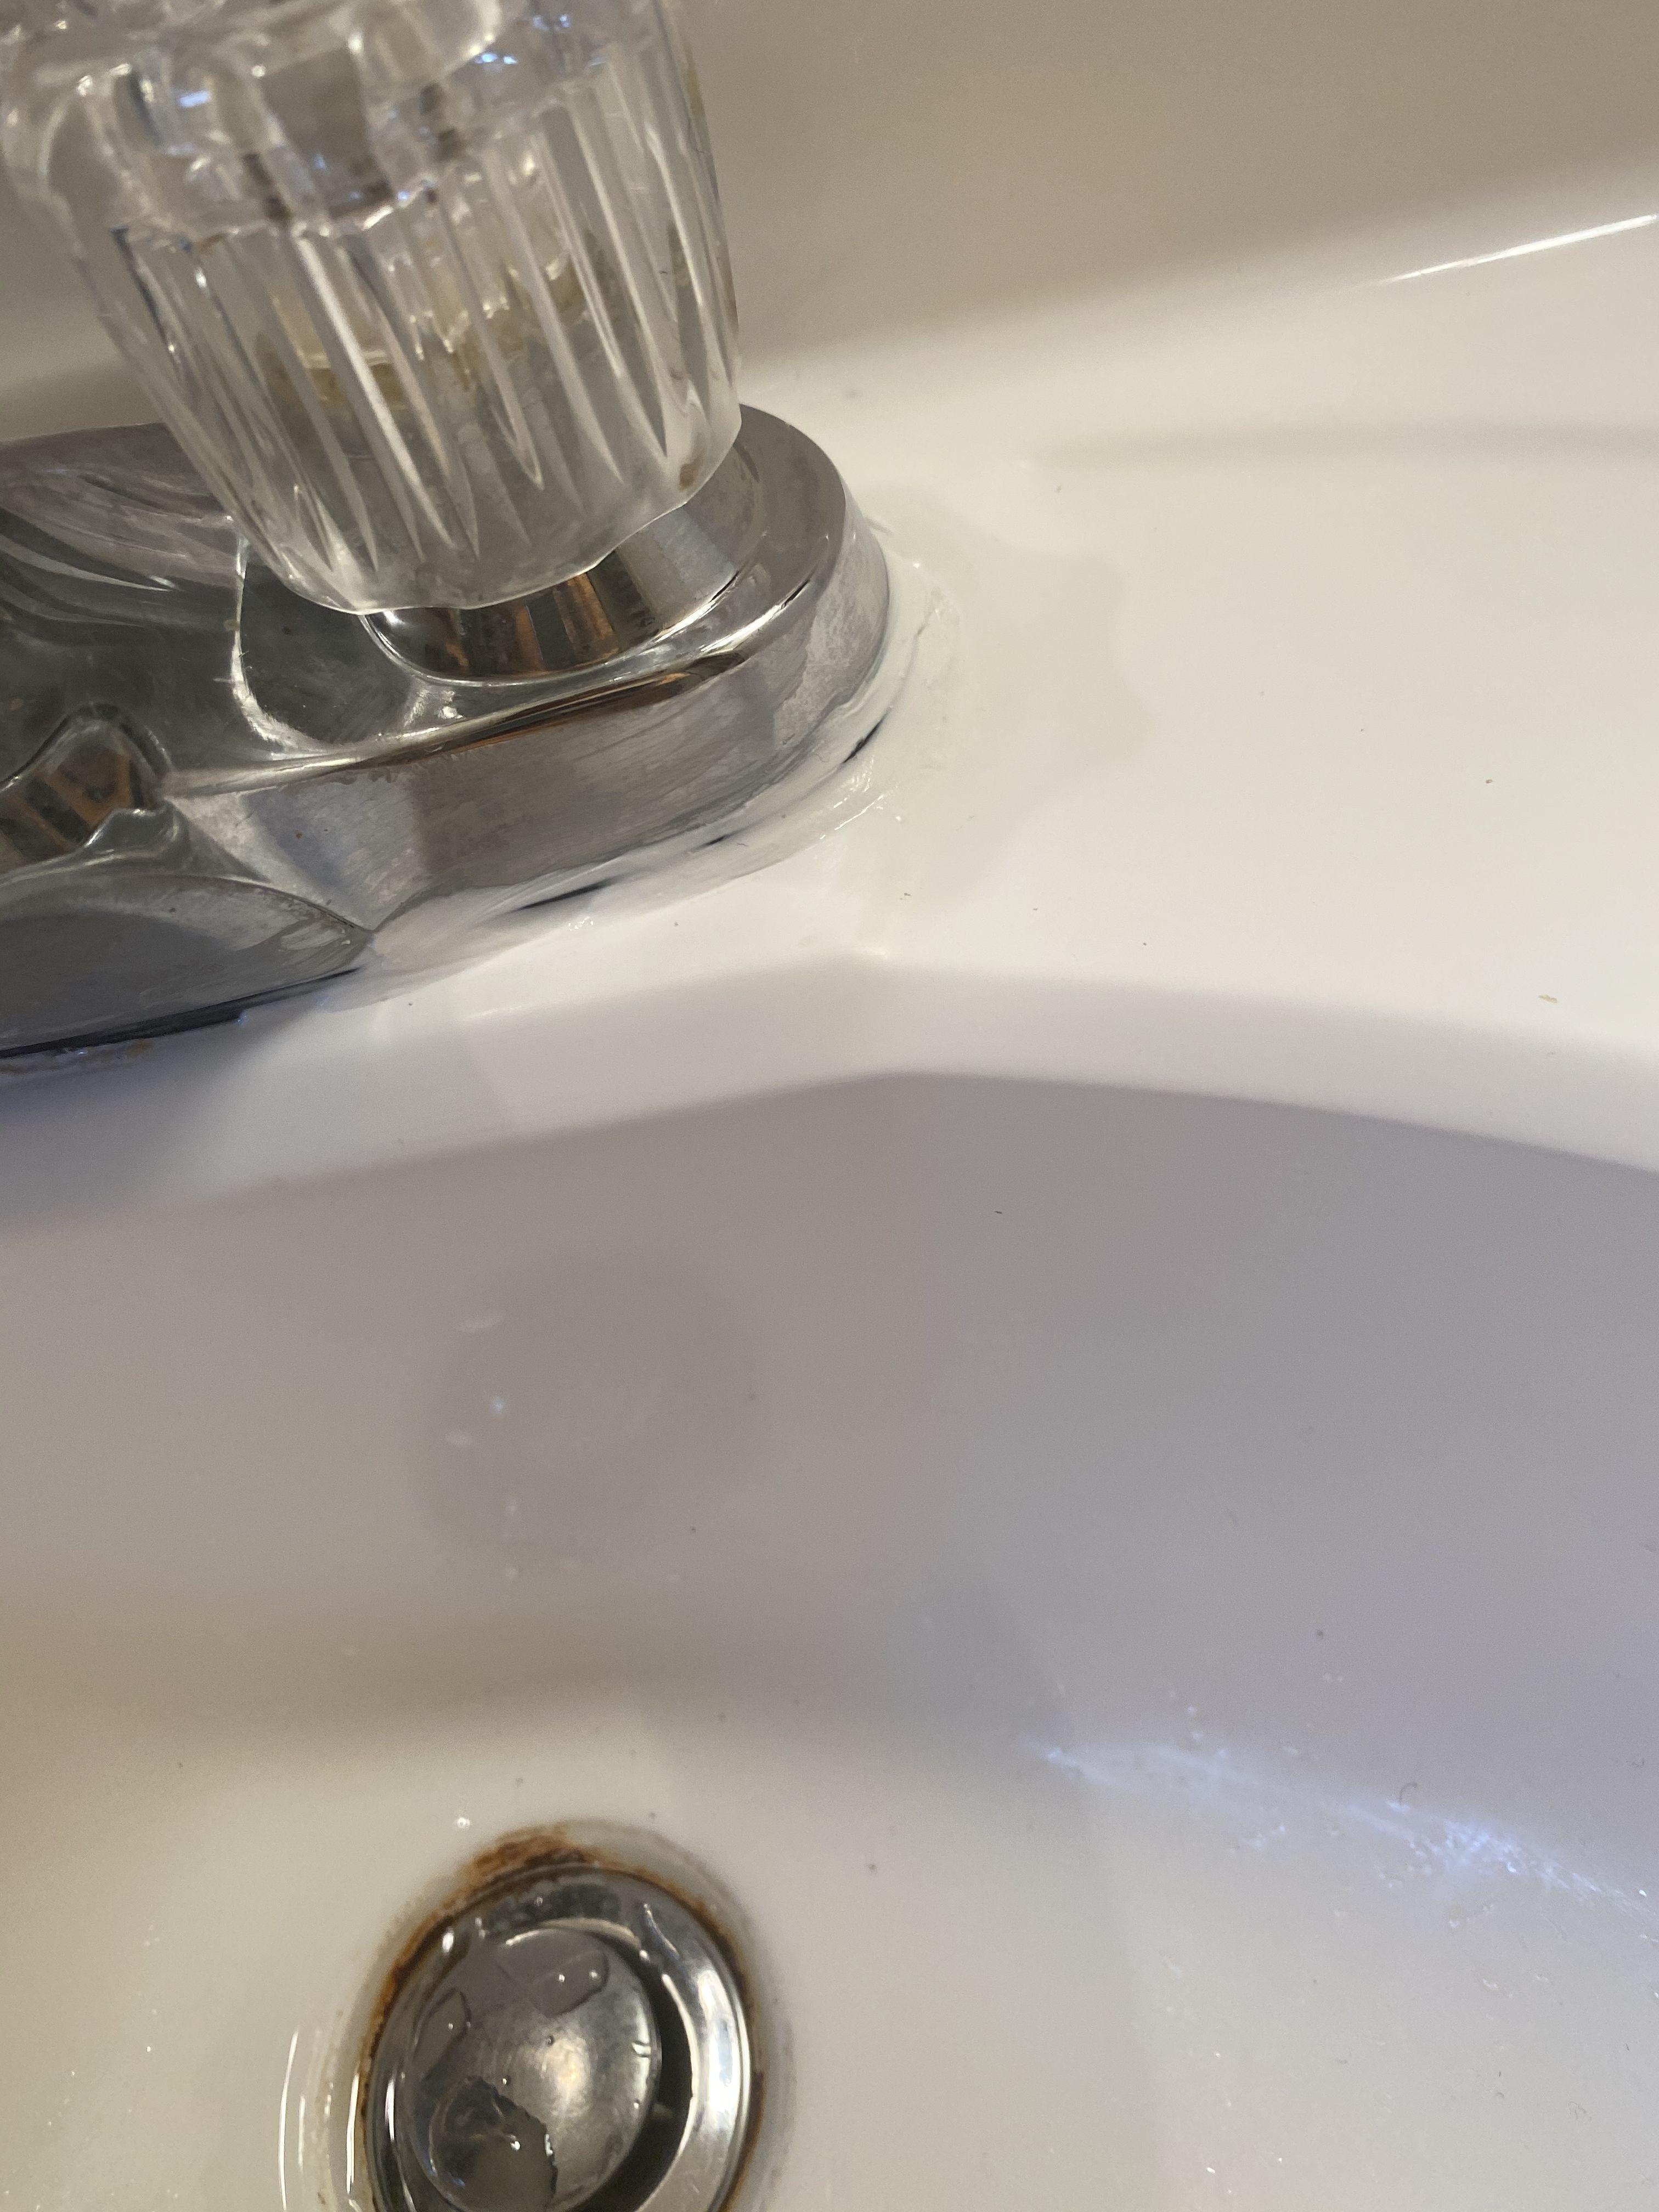 Caulk Redo Caulk Sink Cleaning Supplies [ 4032 x 3024 Pixel ]